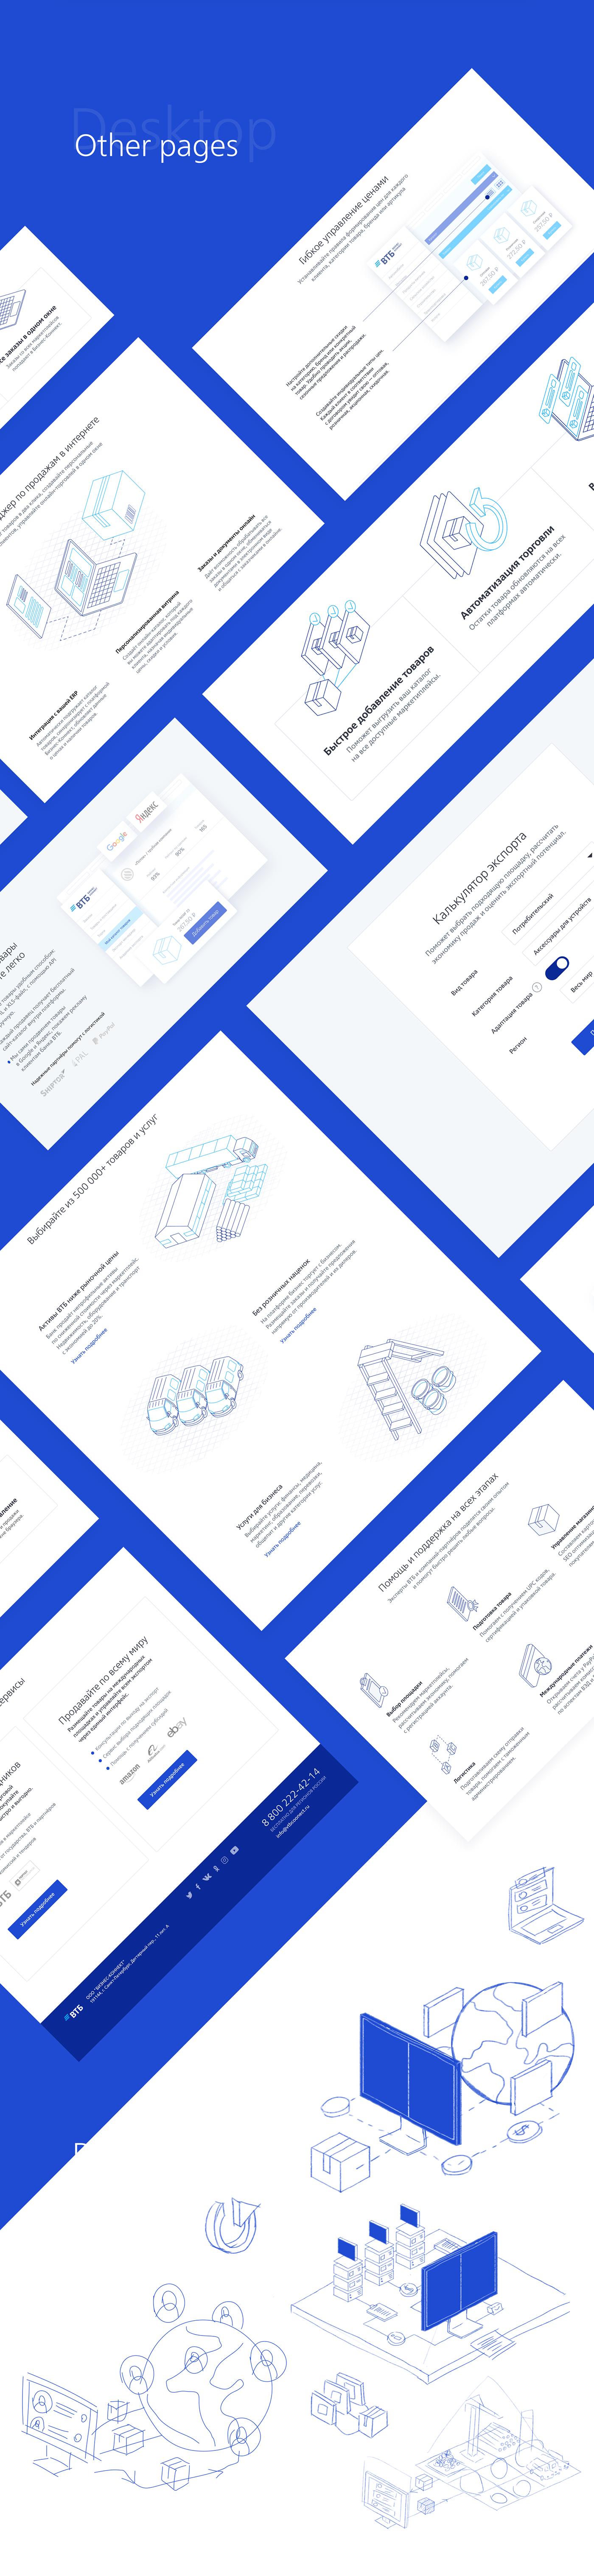 VTB banking landing page Website ILLUSTRATION  web illustration finance Startup